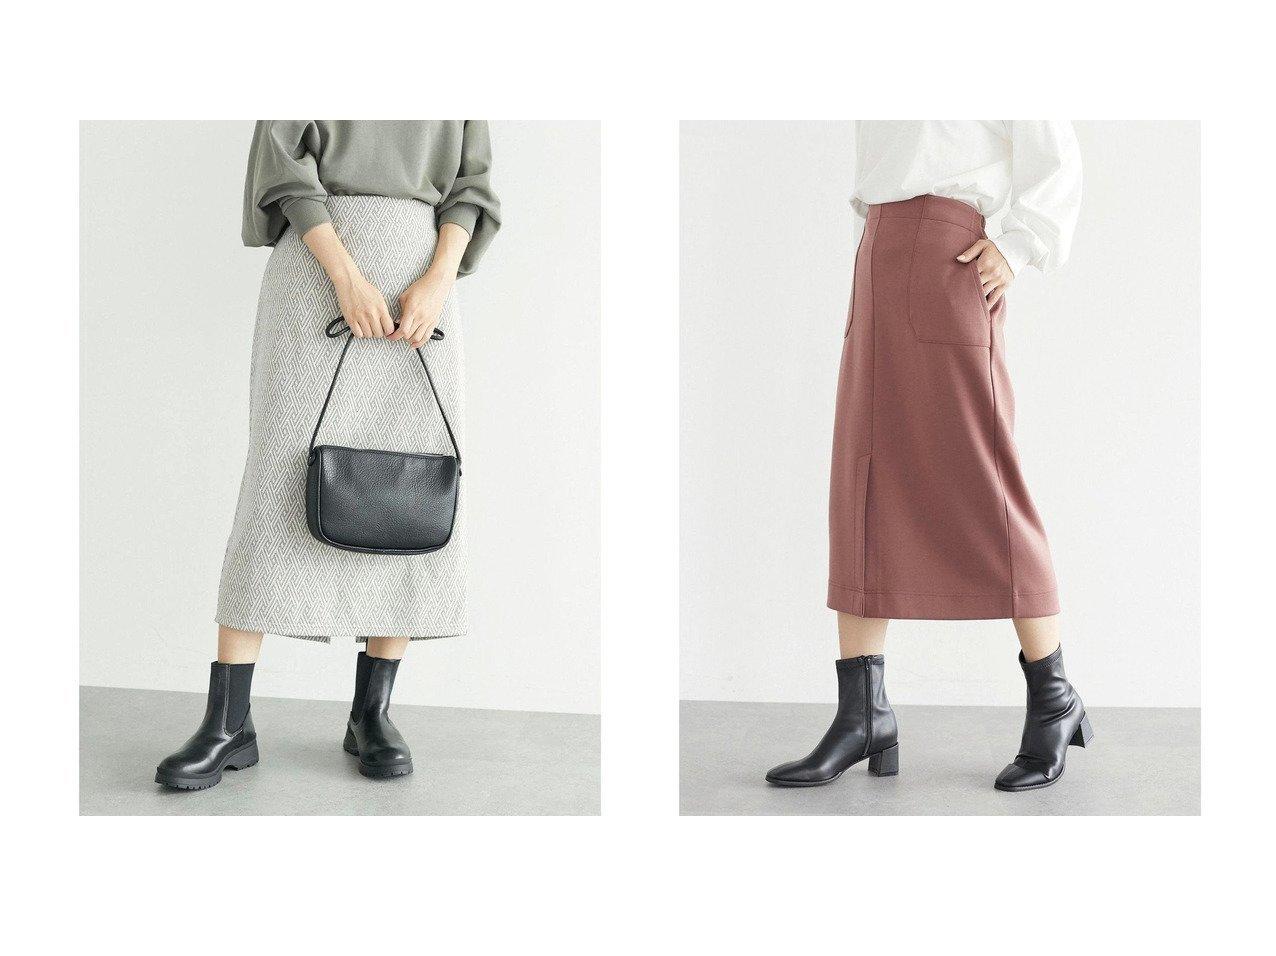 【Green Parks/グリーンパークス】の前スリットカットタイトスカート&カットジャガードタイトスカート 【プチプライス・低価格】おすすめ!人気、トレンド・レディースファッションの通販 おすすめで人気の流行・トレンド、ファッションの通販商品 インテリア・家具・メンズファッション・キッズファッション・レディースファッション・服の通販 founy(ファニー) https://founy.com/ ファッション Fashion レディースファッション WOMEN スカート Skirt 送料無料 Free Shipping スリット おすすめ Recommend エレガント  ID:crp329100000071629